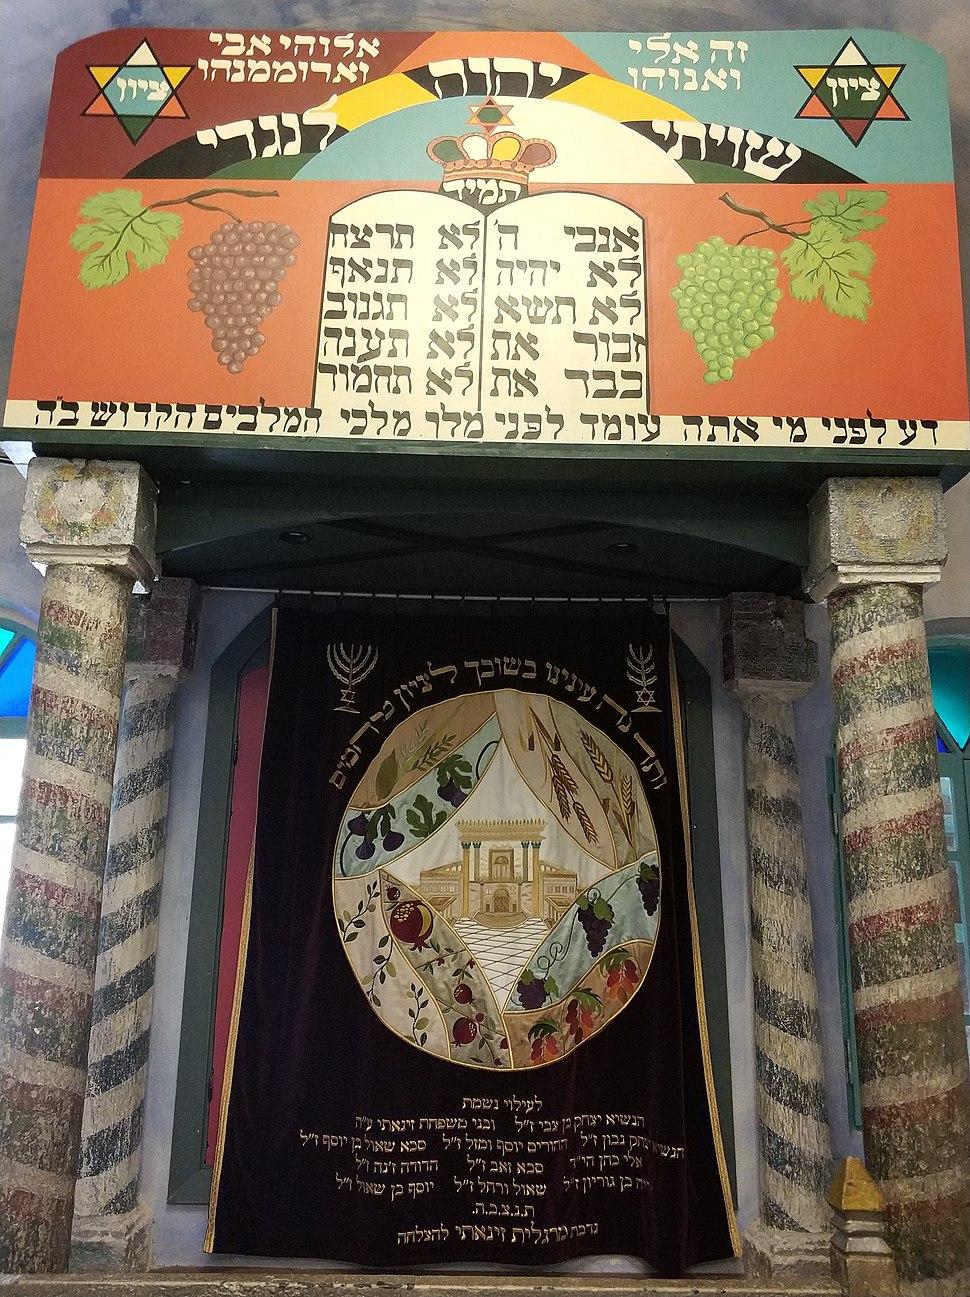 ארון הקודש בבית הכנסת העתיק בפקיעין